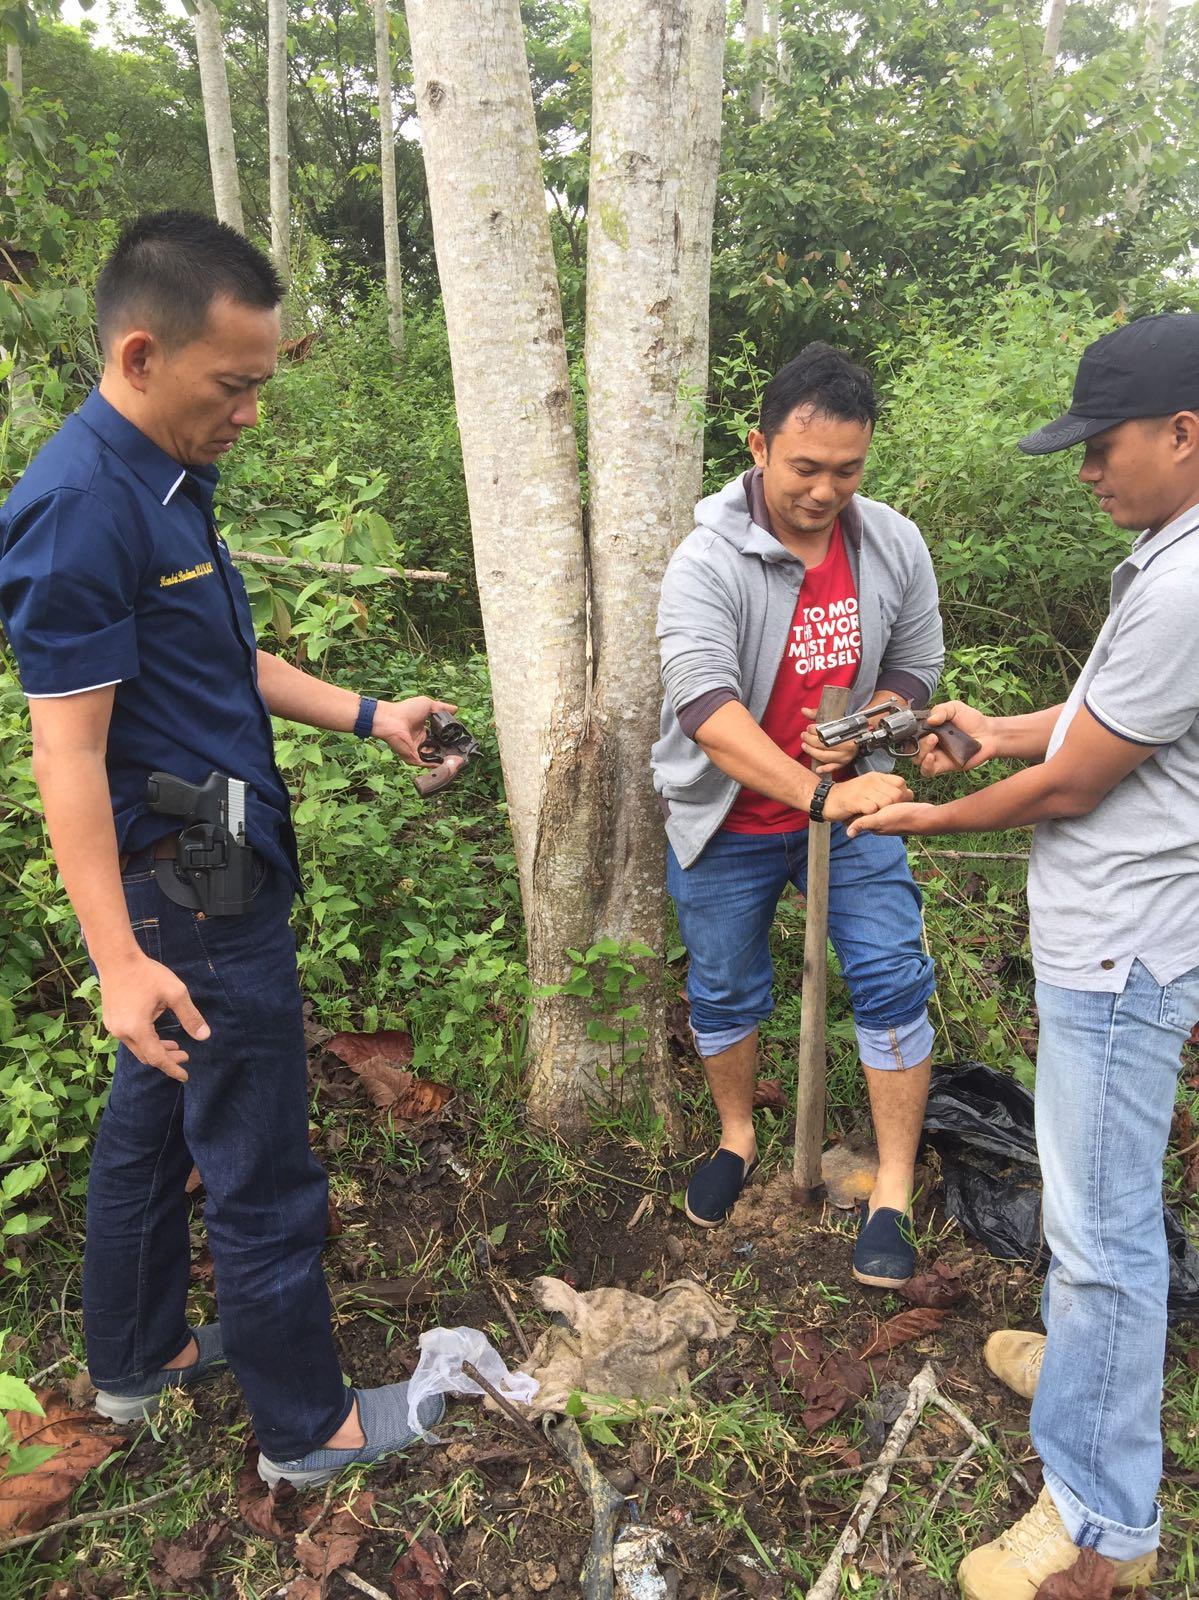 Tempat Konflik di Desa Teupen Reusep, Polisi Temukan Senpi Revolver dan Amunisi